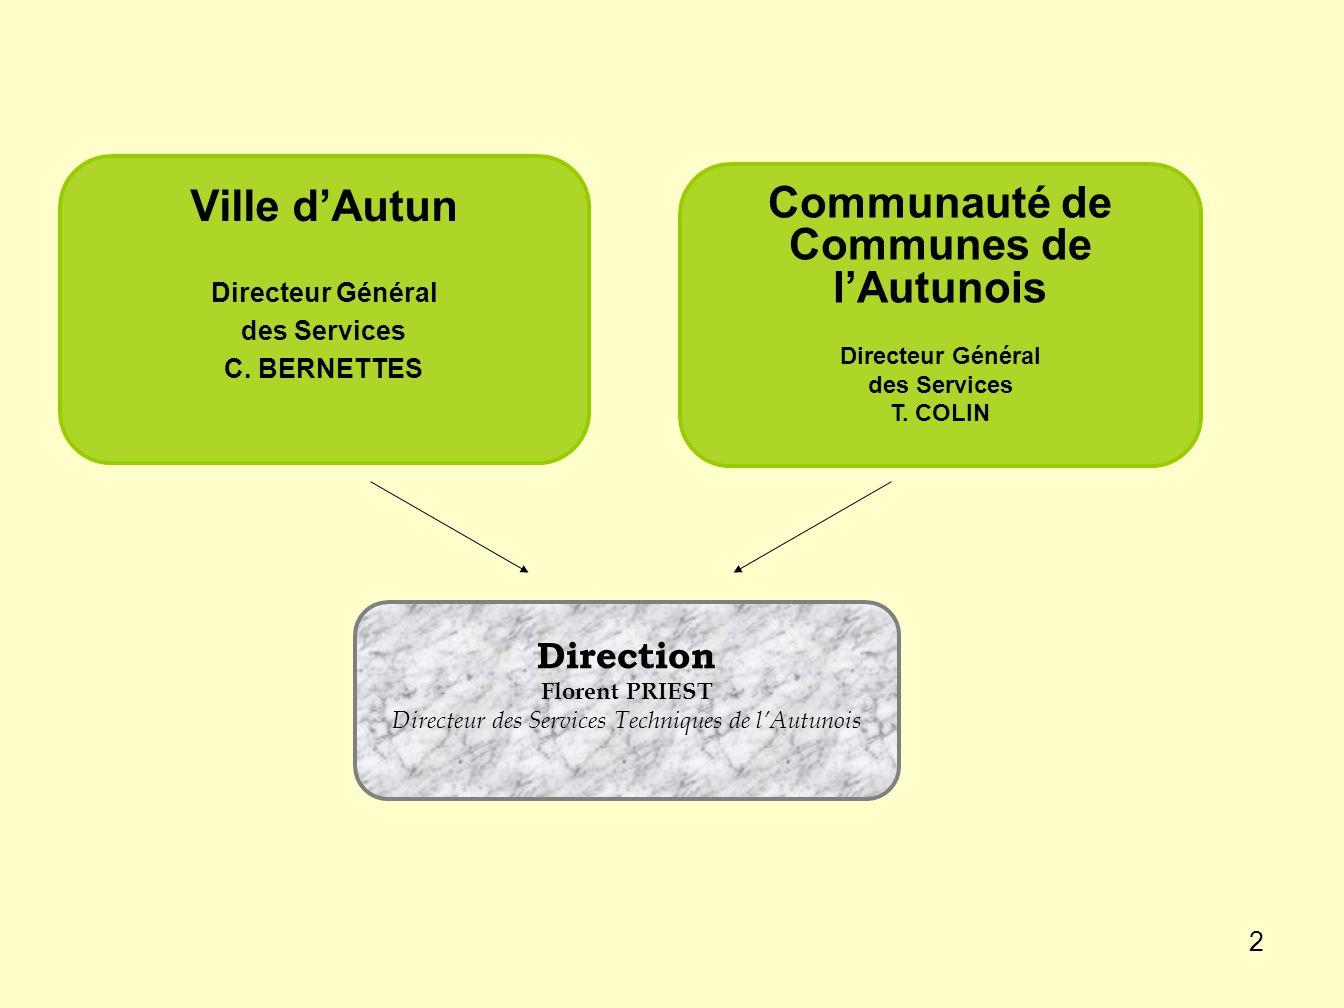 Communauté de Communes de l'Autunois